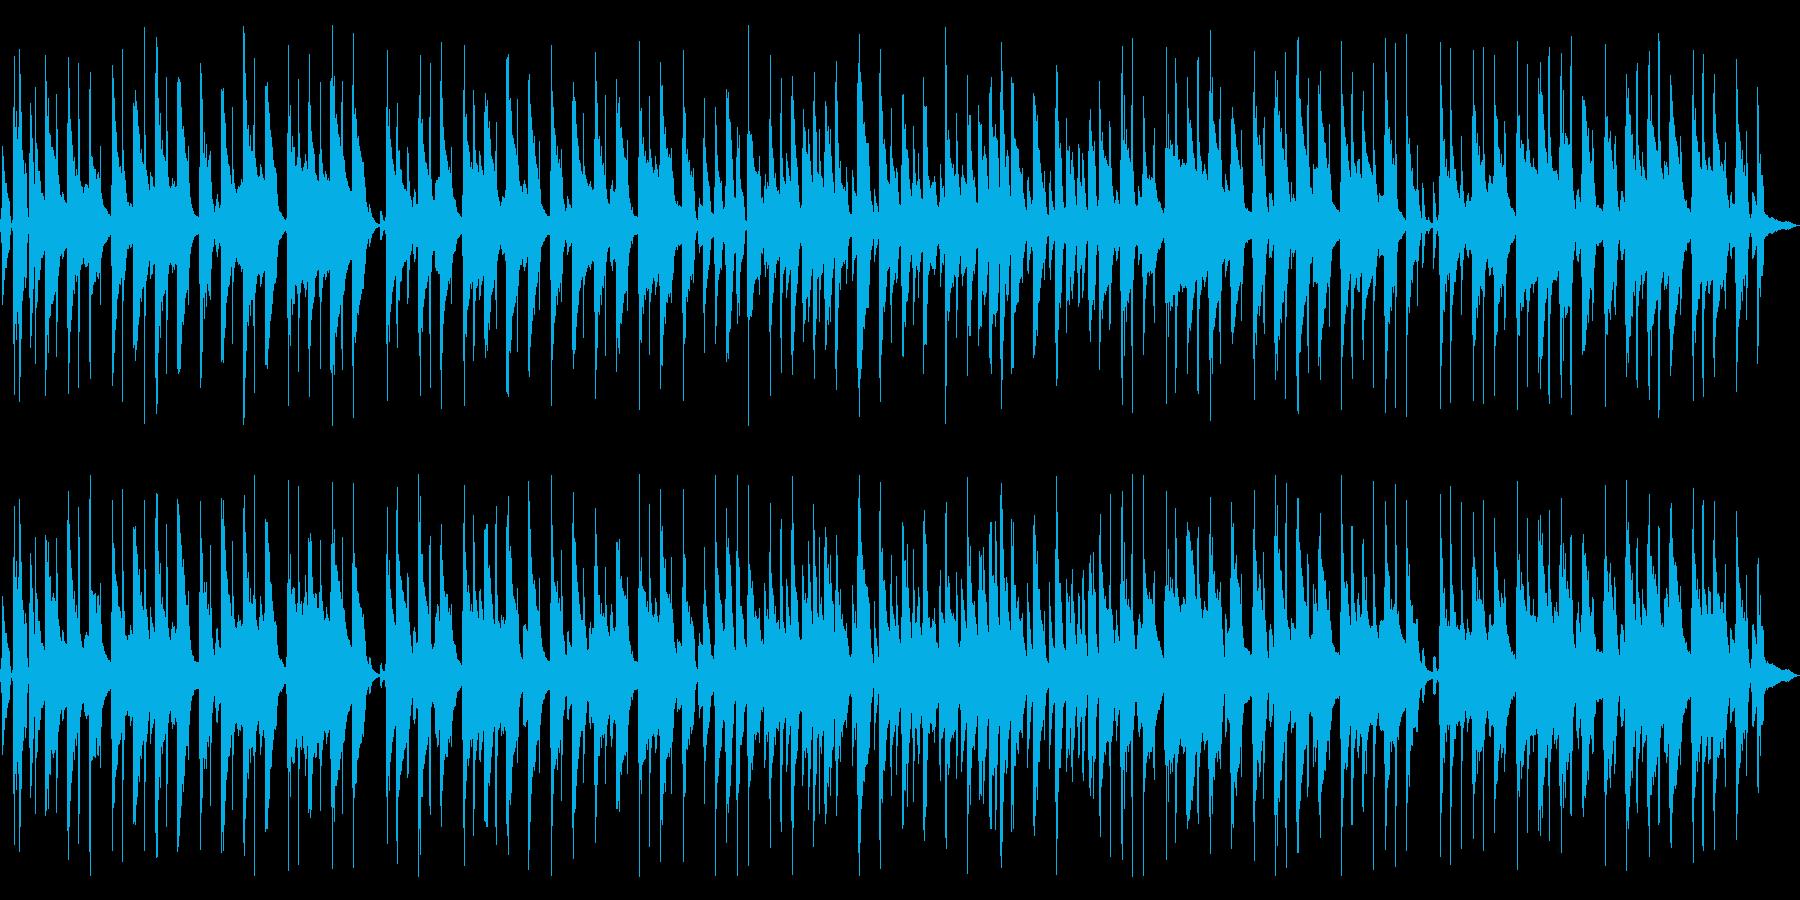 のんびりとしたコンセプトムービーBGMの再生済みの波形